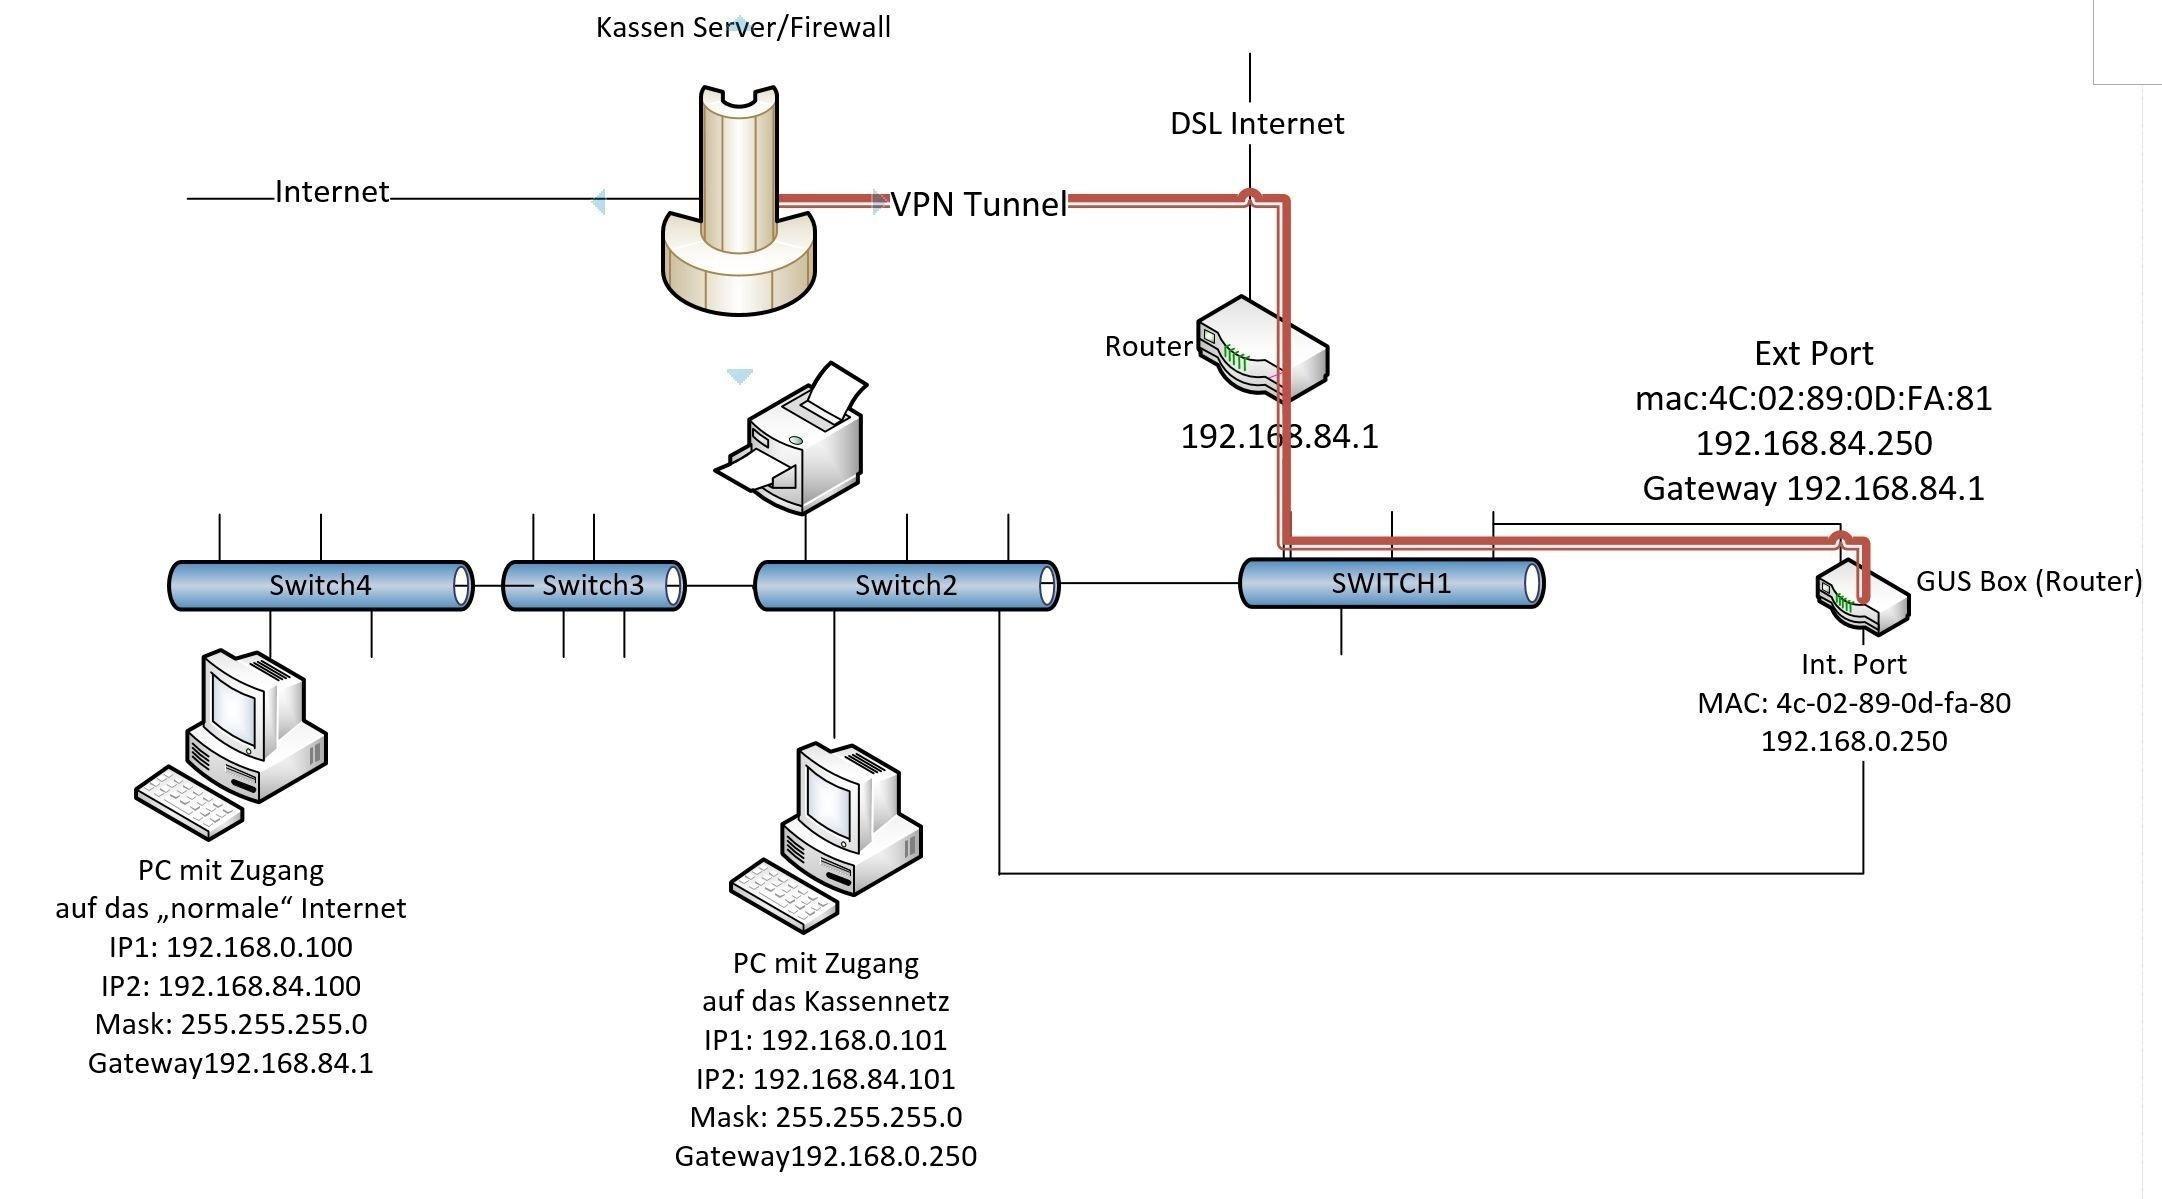 vonage wiring diagram schematic diagramvonage home wiring diagram manual e books verizon wireless wiring diagram vonage